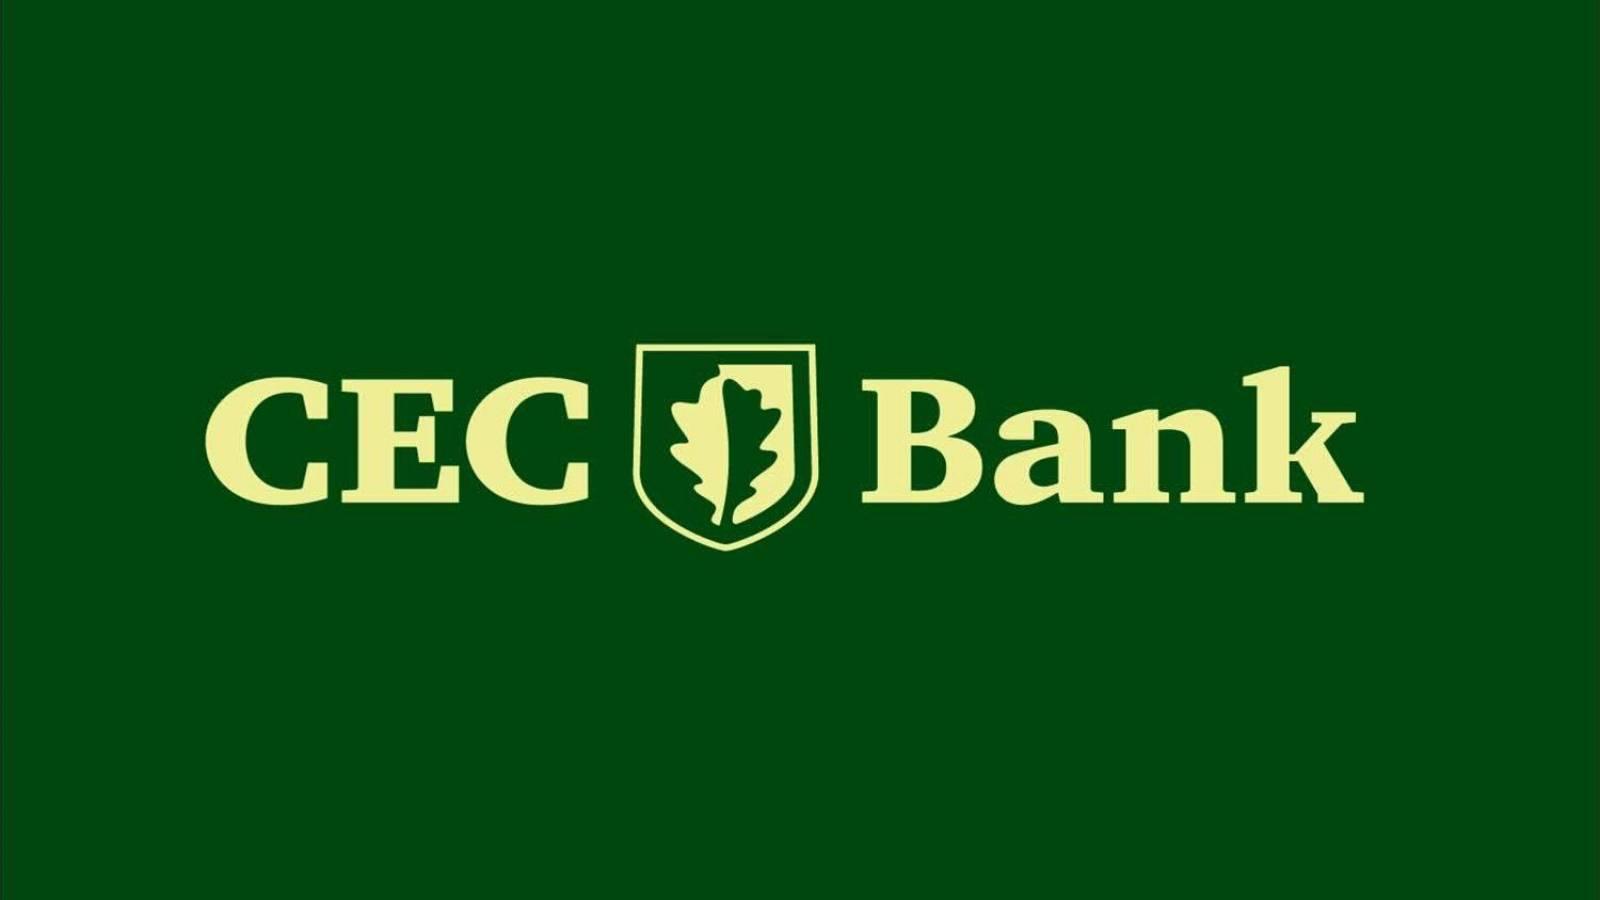 CEC Bank debit